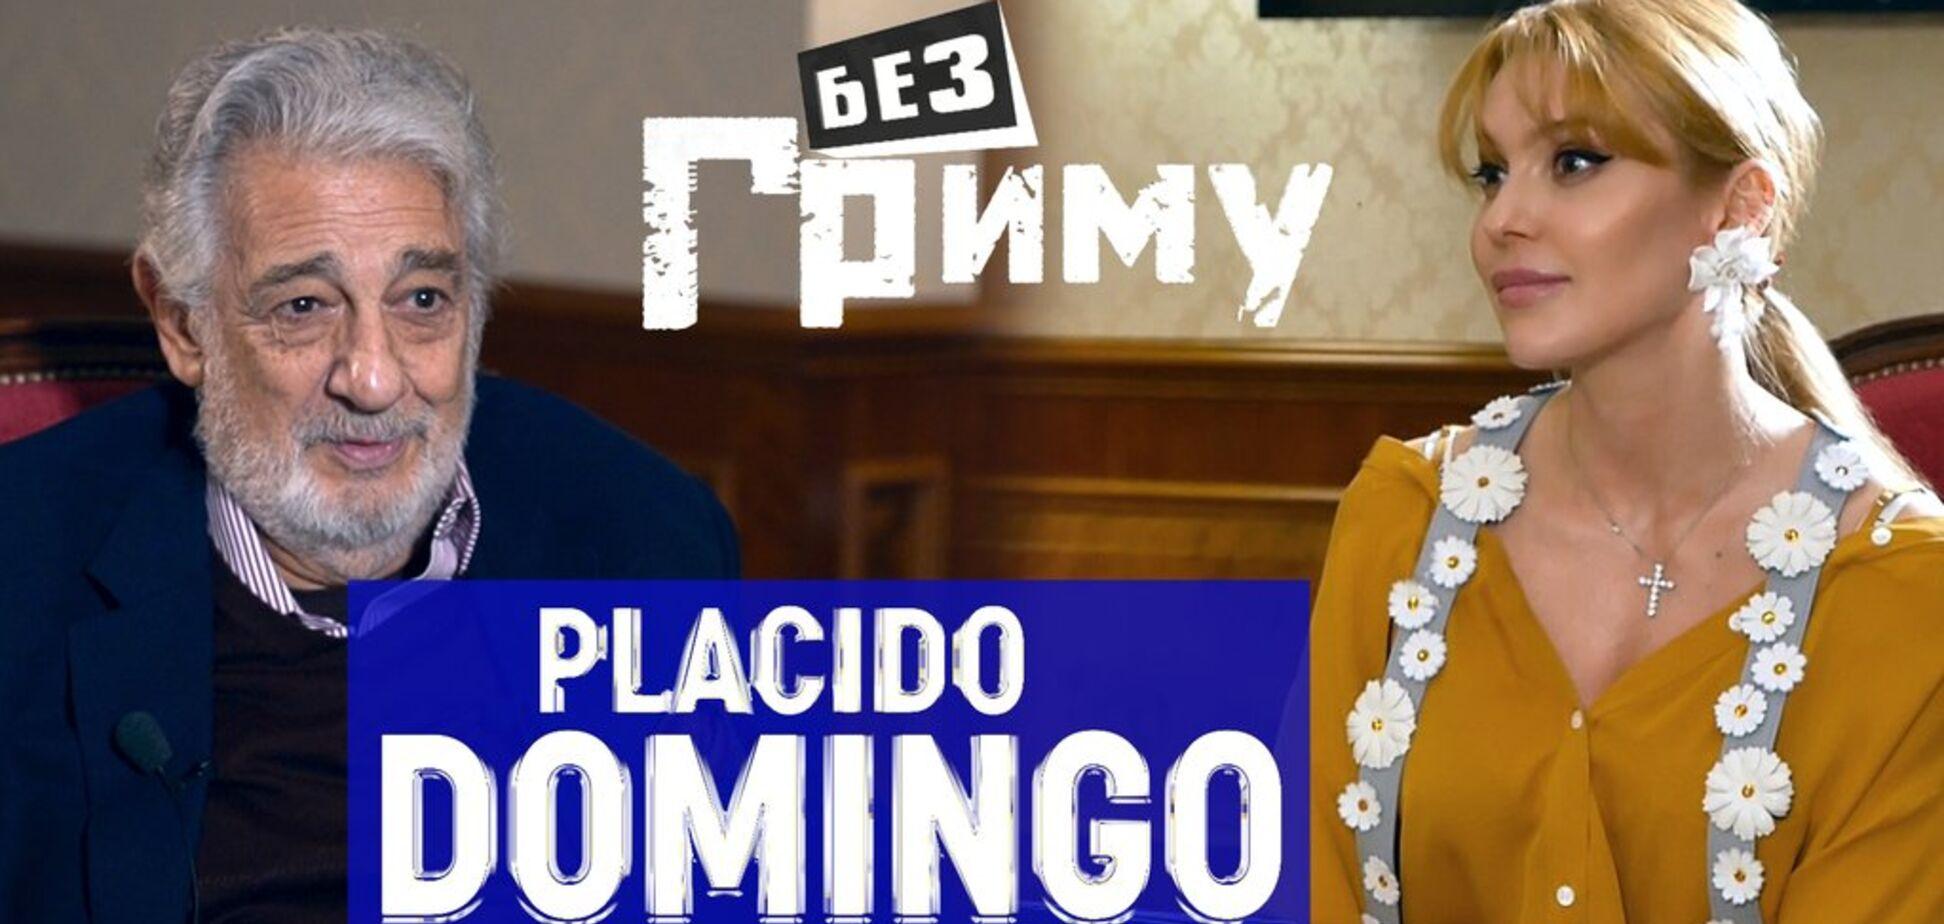 Есть три певицы, с которыми я бы спел дуэтом - это Селин Дион, Леди Гага и Адель', - Пласидо Доминго в блиц-шоу 'БЕЗ ГРИМА'